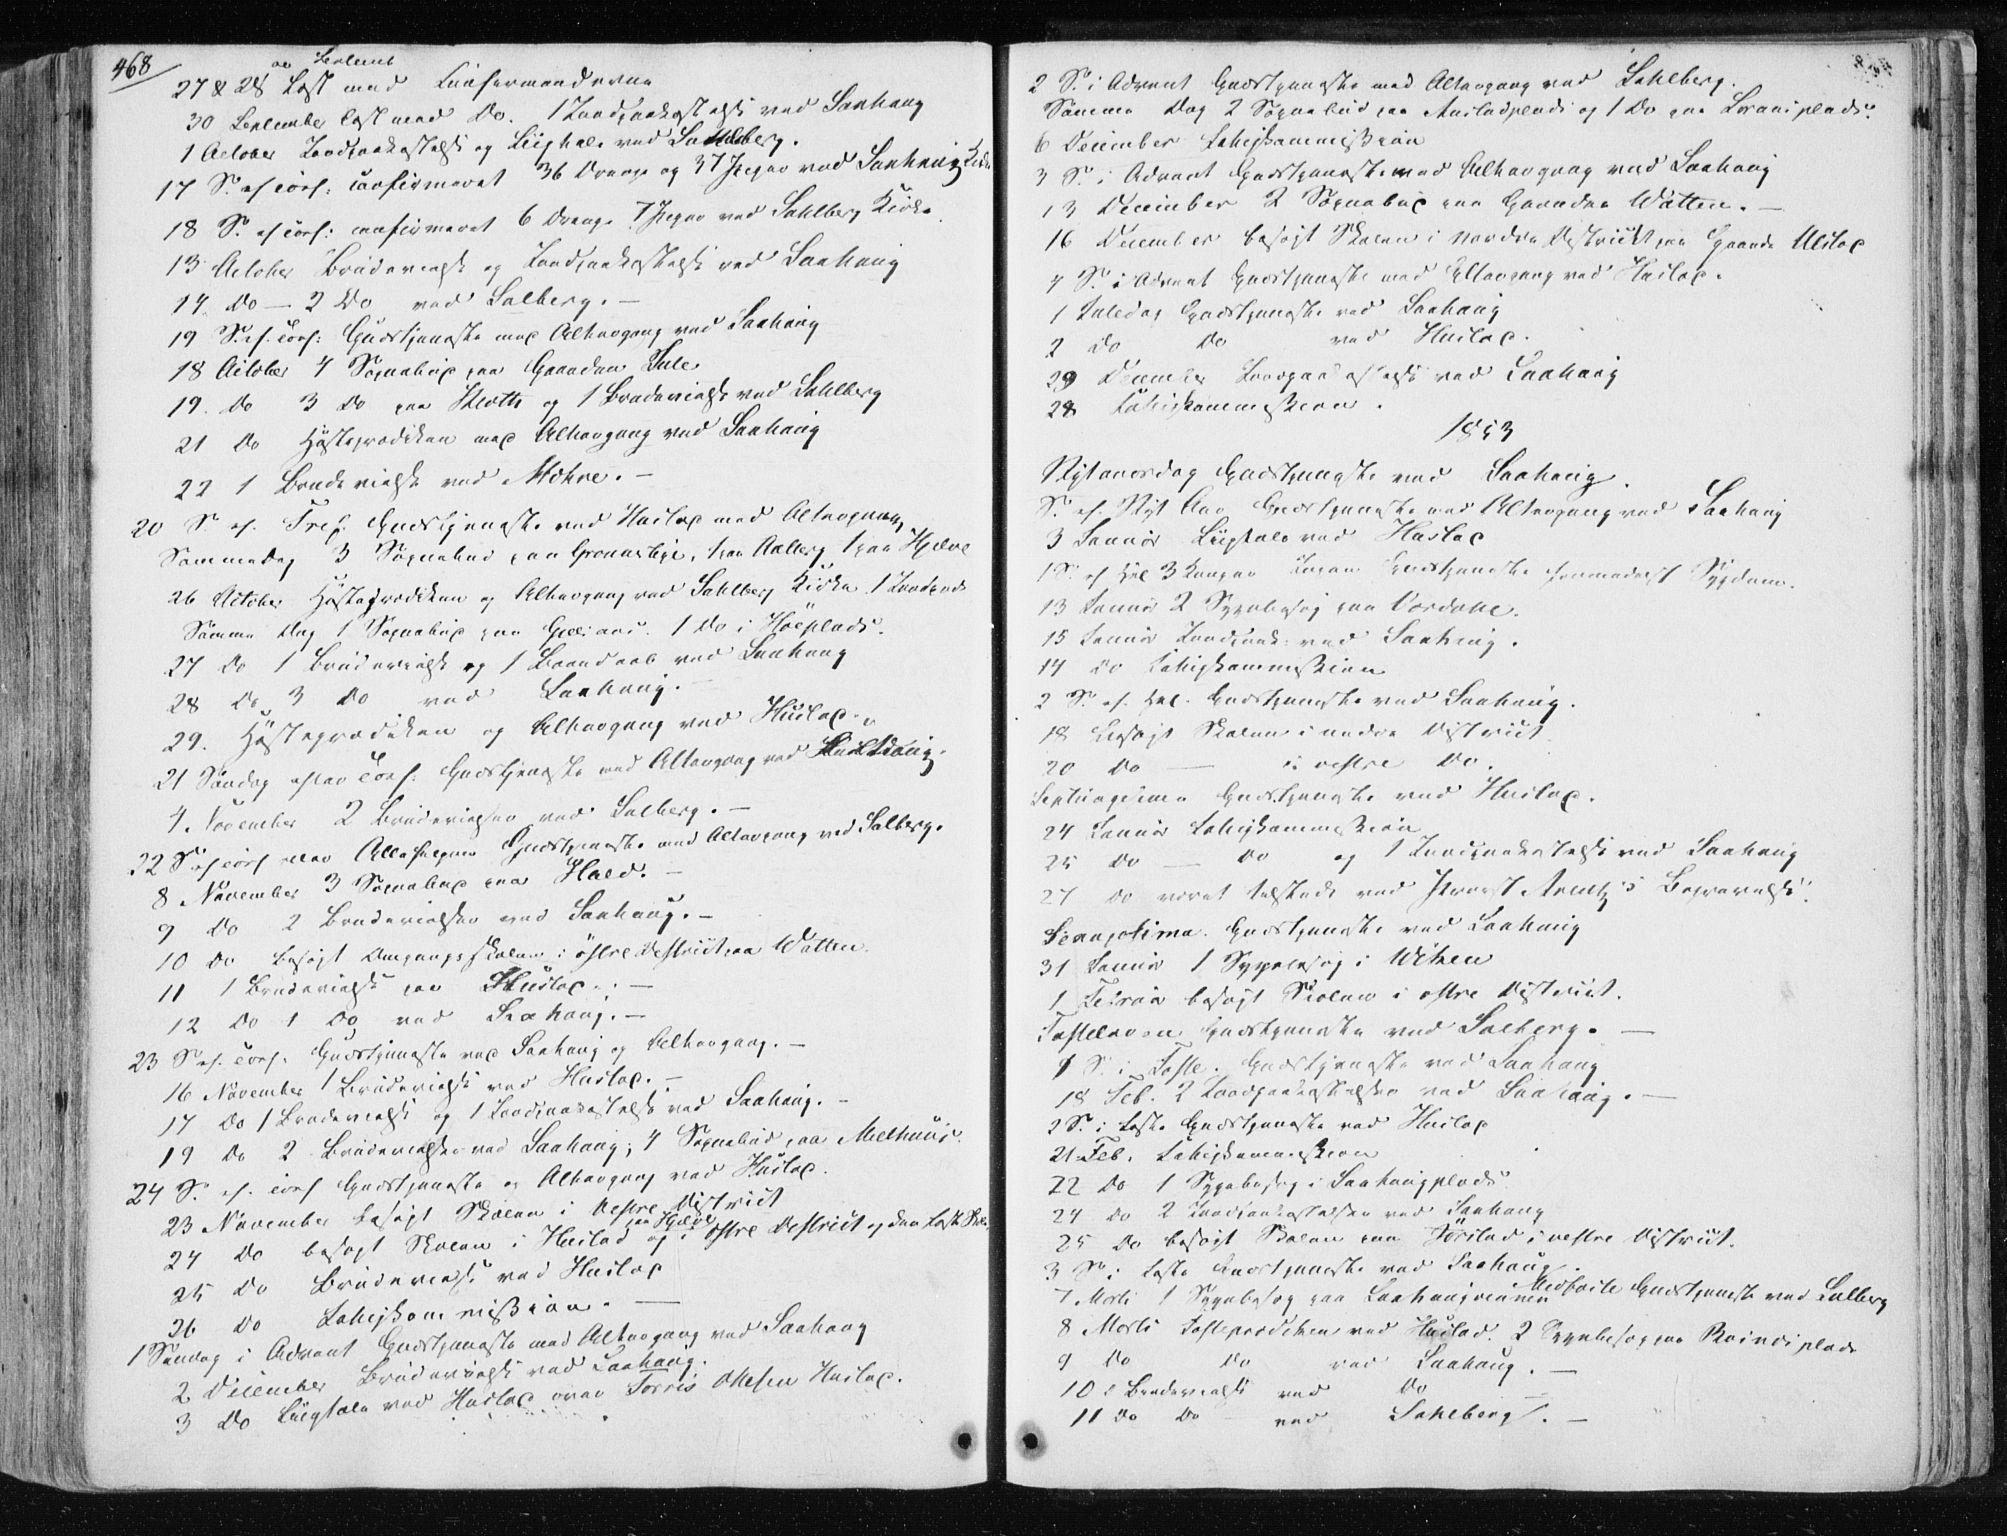 SAT, Ministerialprotokoller, klokkerbøker og fødselsregistre - Nord-Trøndelag, 730/L0280: Ministerialbok nr. 730A07 /1, 1840-1854, s. 468